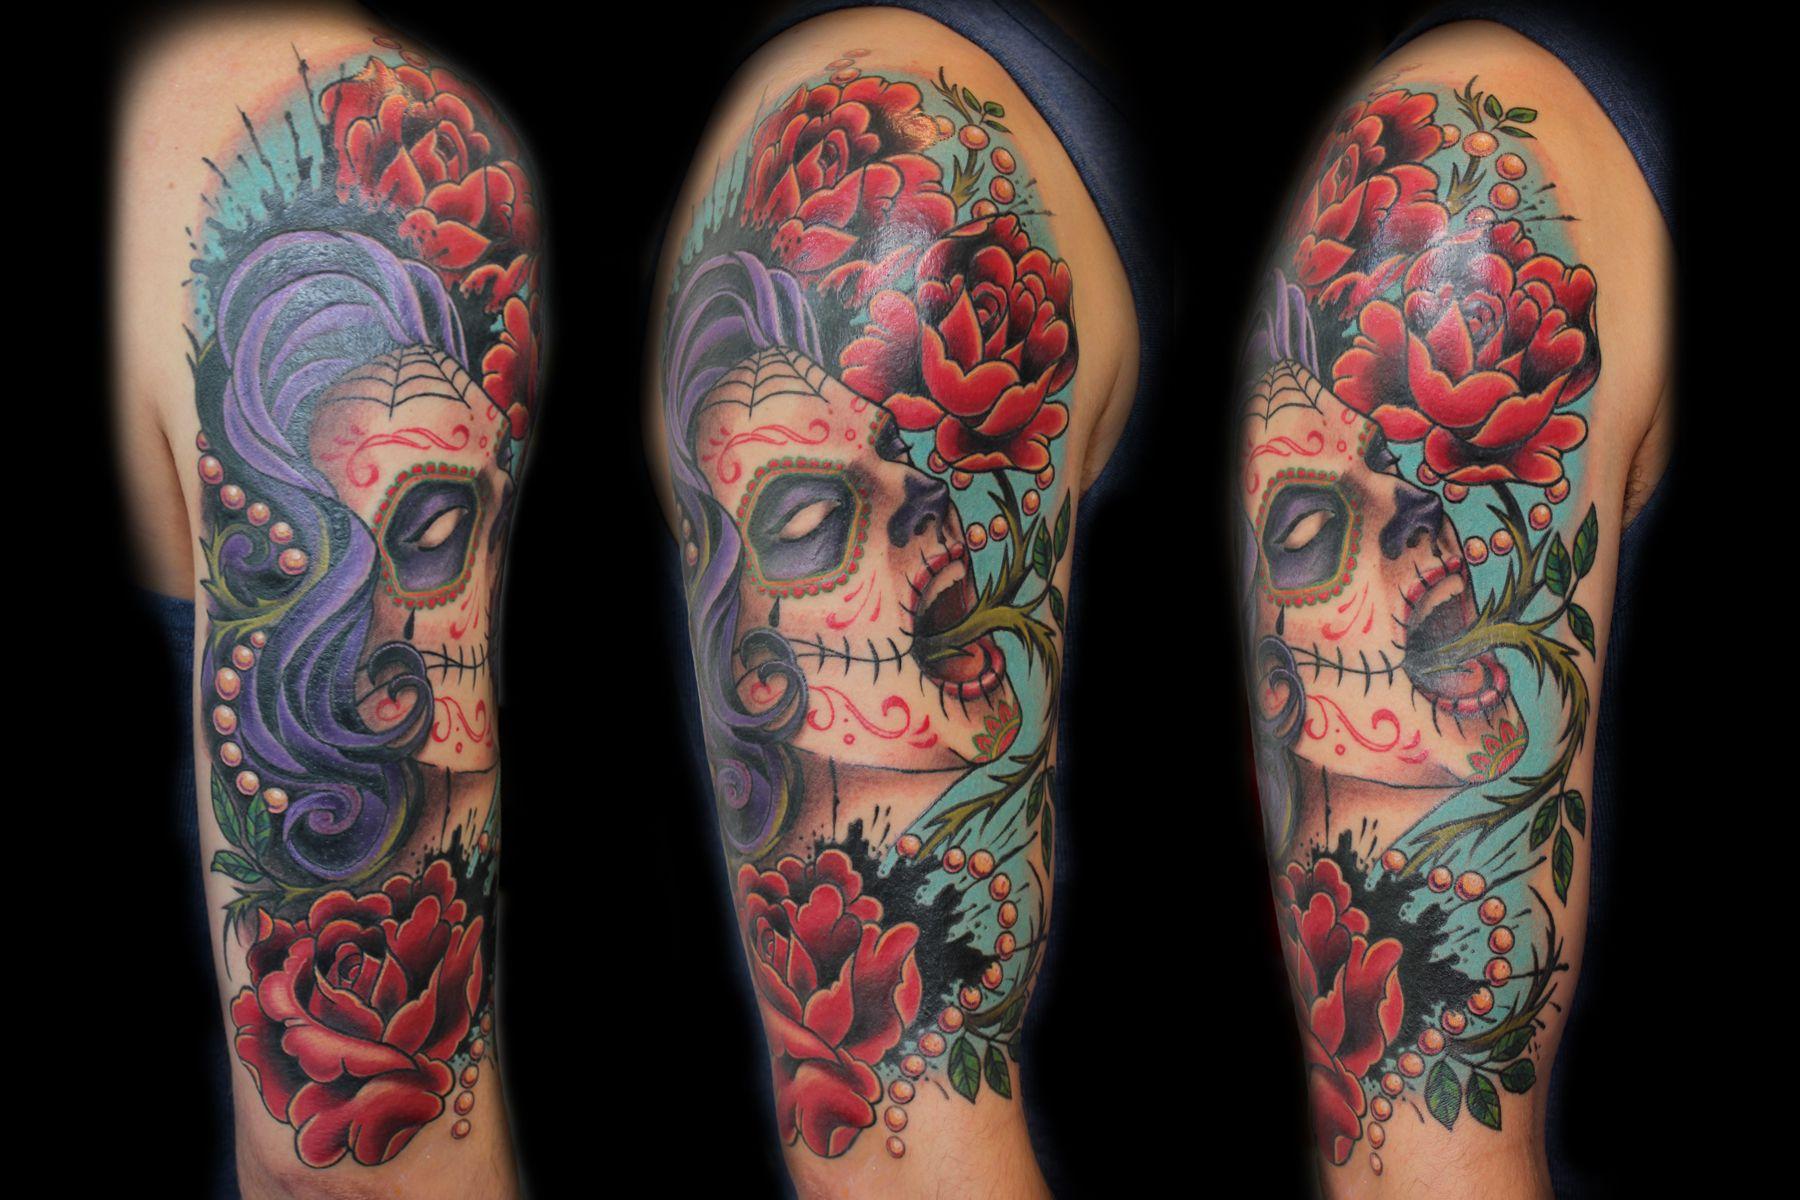 Muertos sleeve